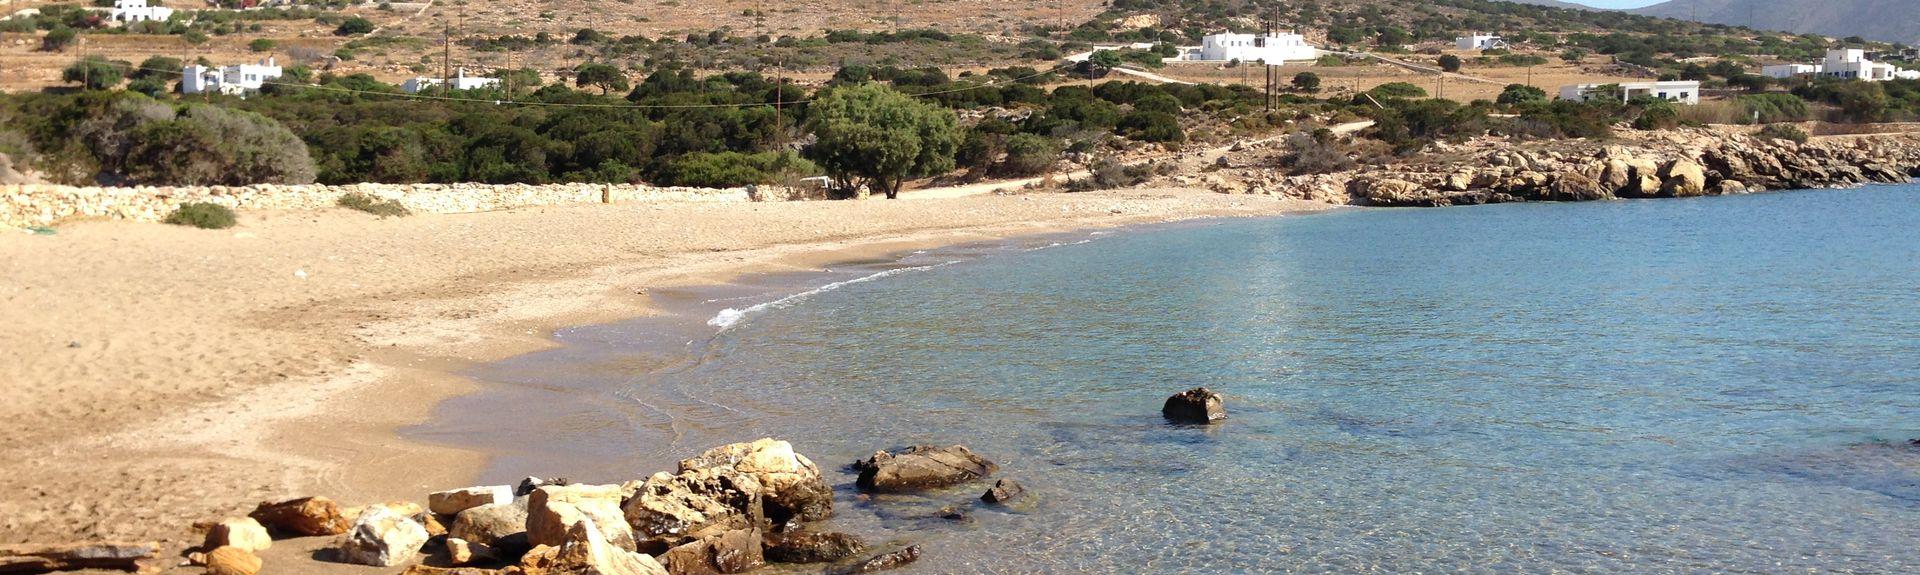 Aliki, Greece